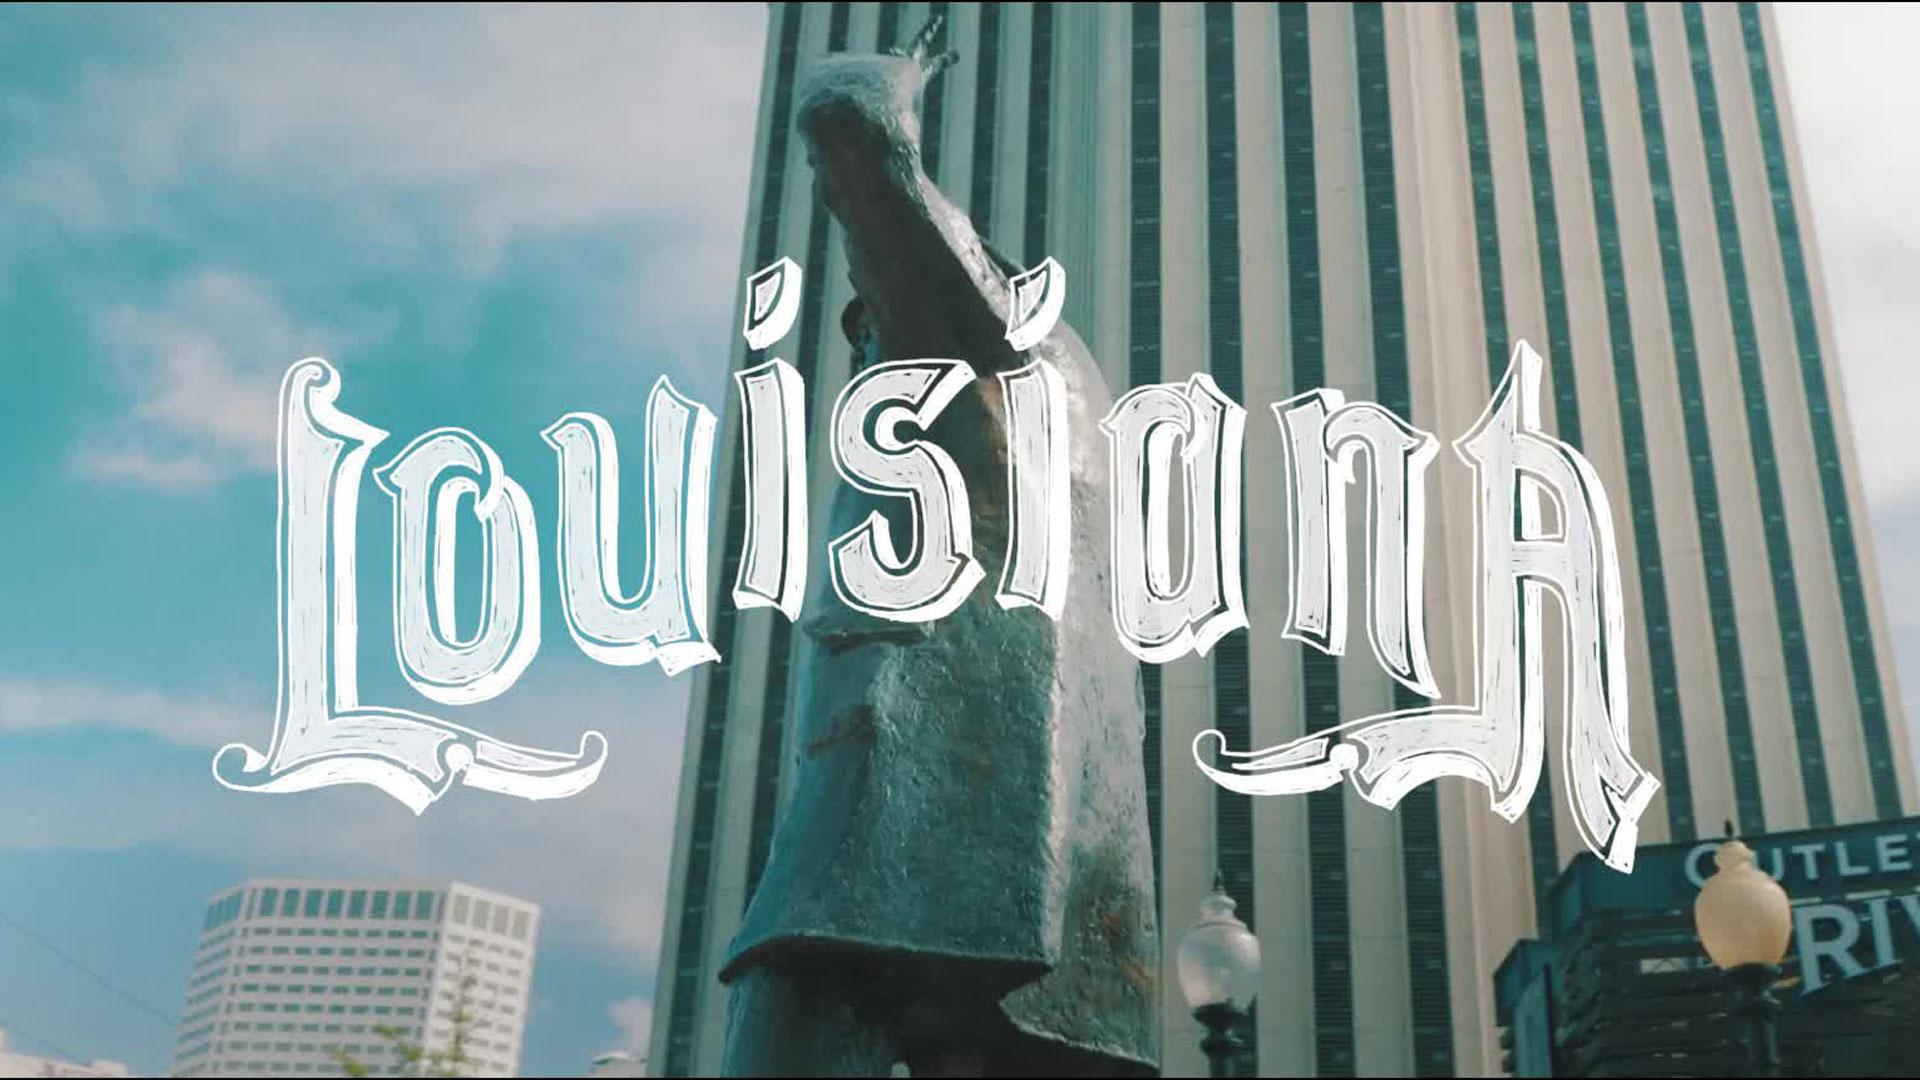 Around the world-Serie: thyssenkrupp in Louisiana